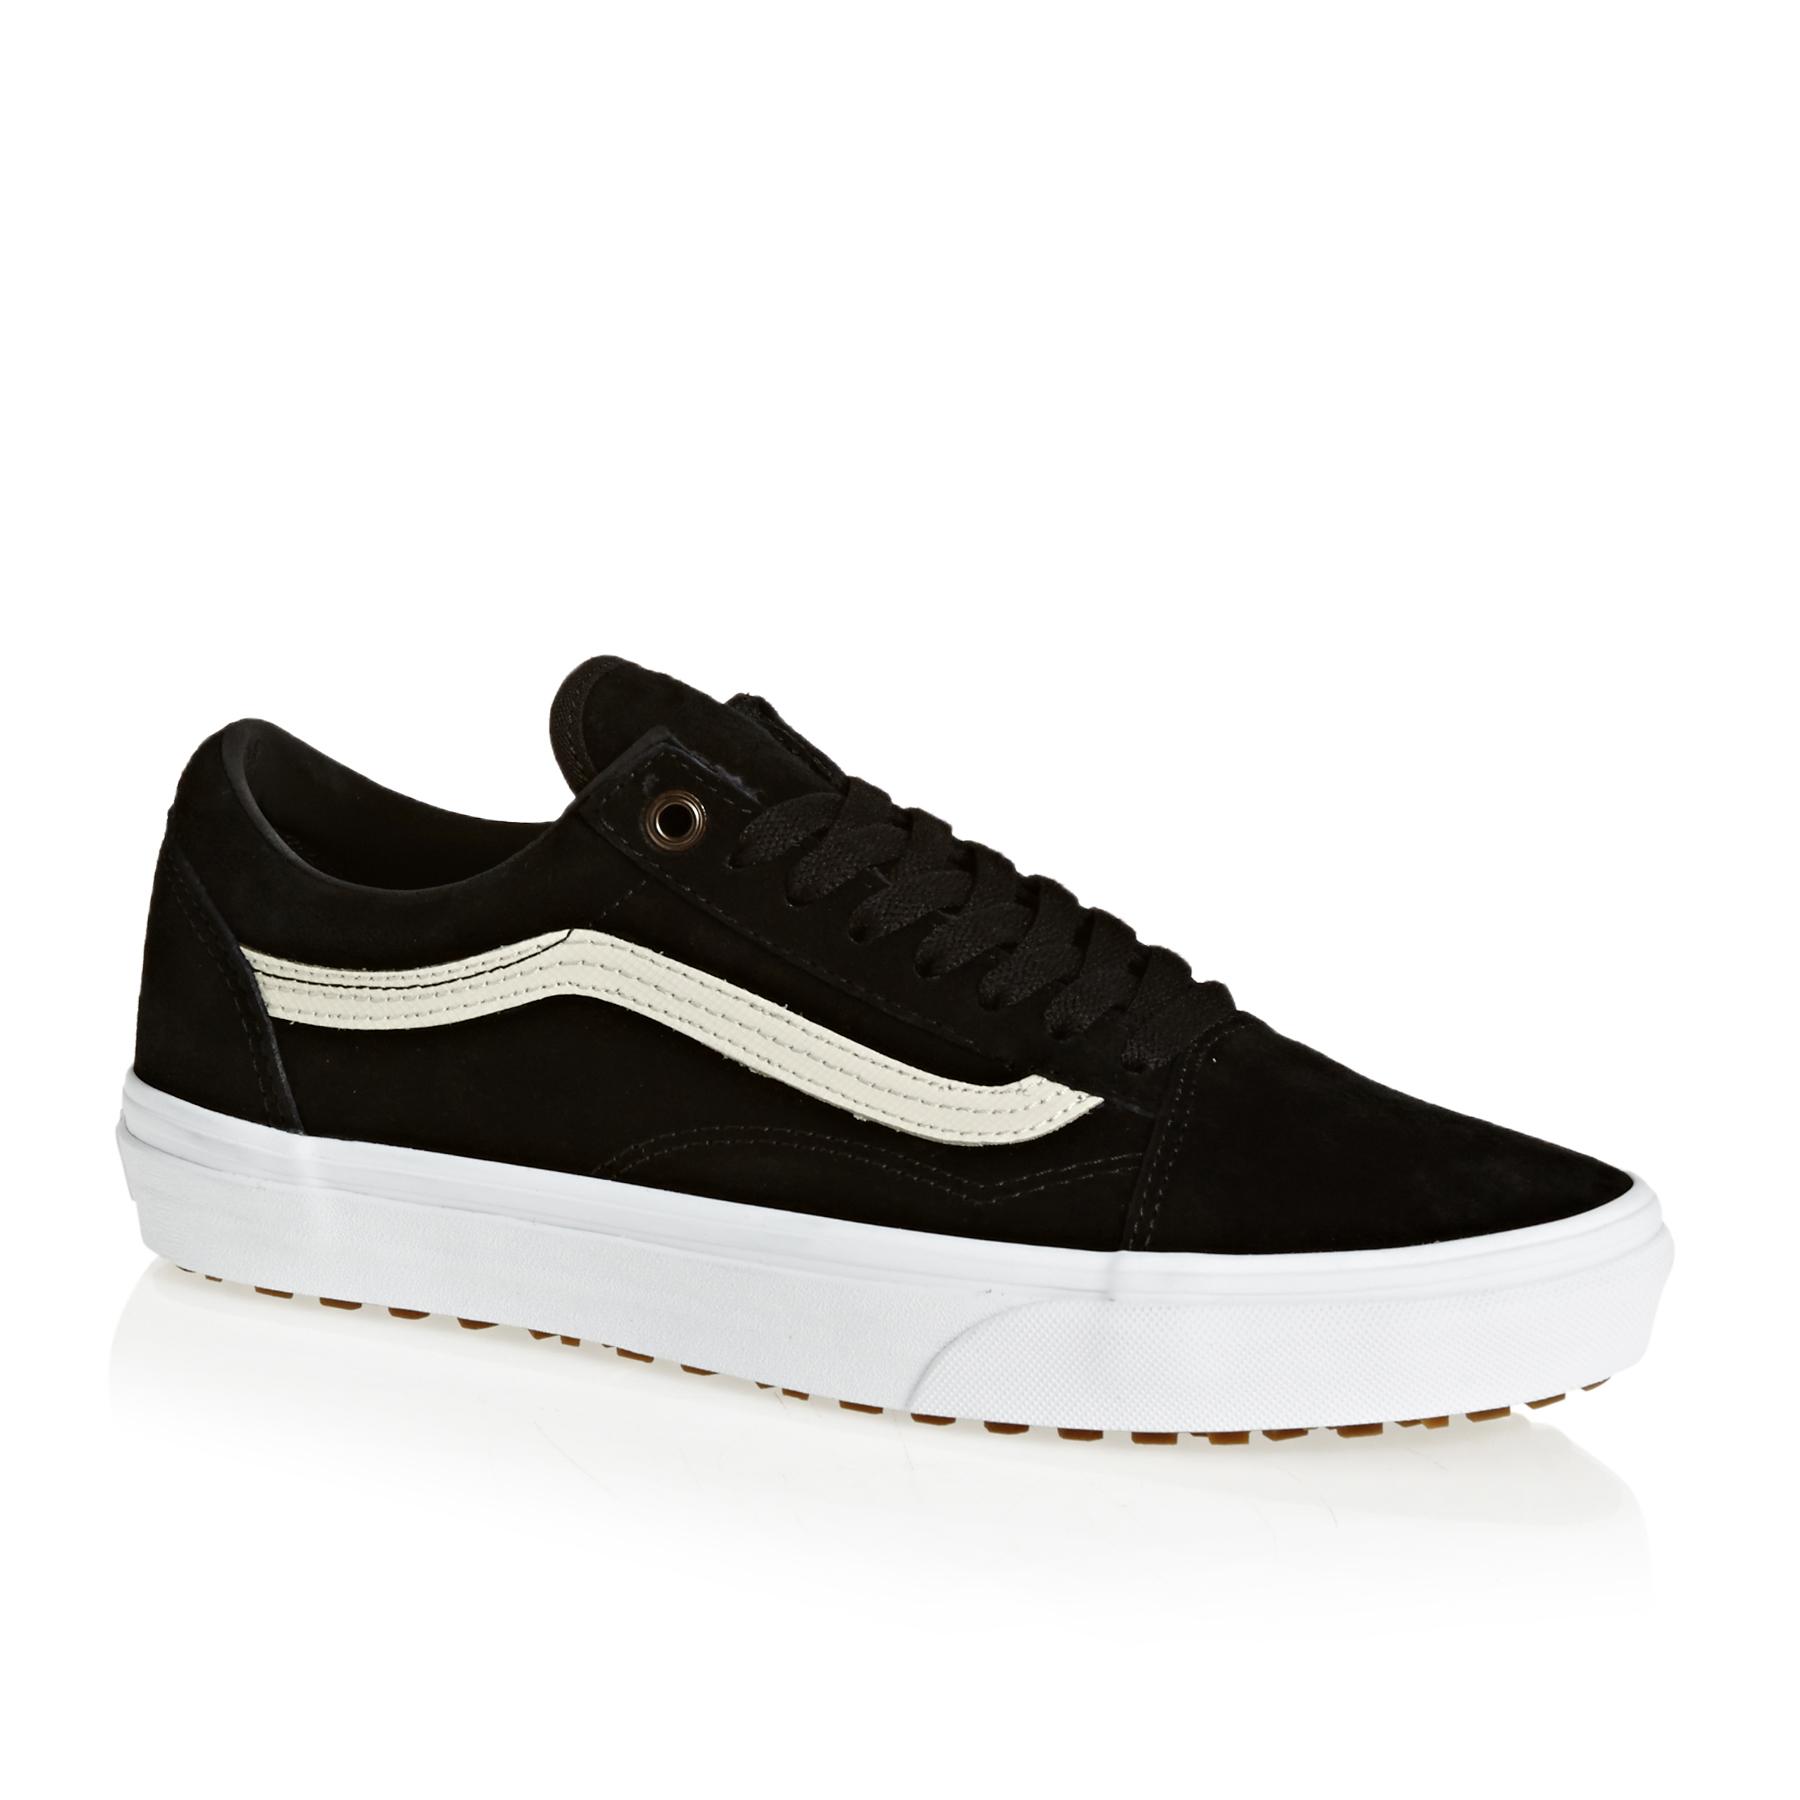 Chaussures Vans Old Skool MTE   Livraison gratuite dès 30 ...